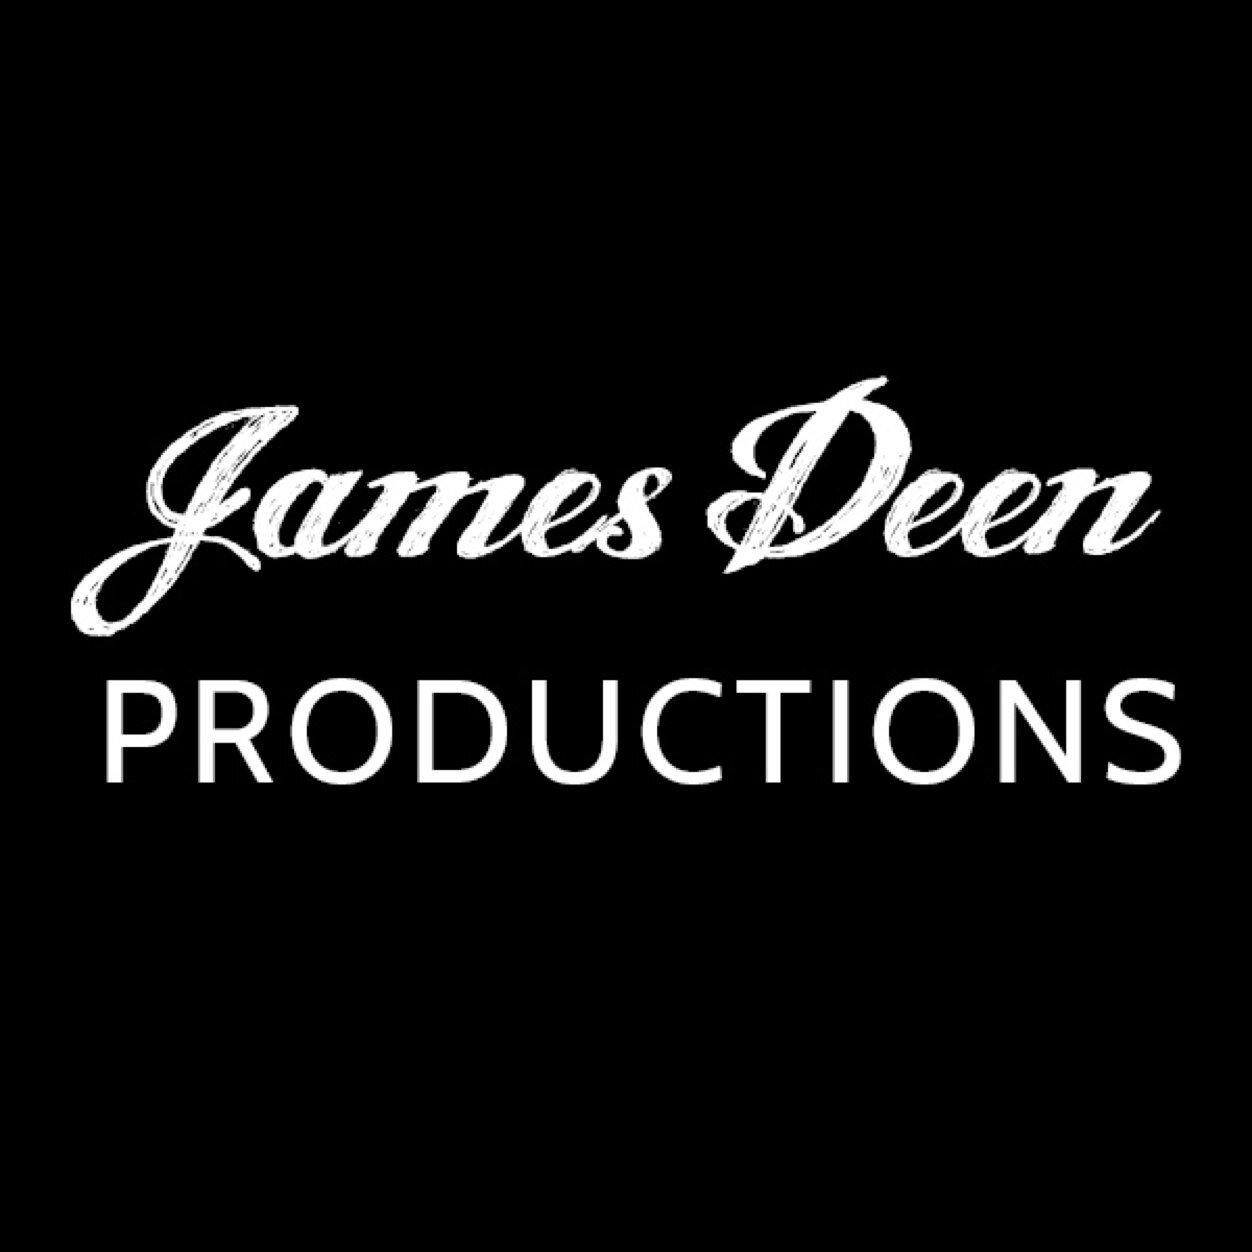 James Deen Promotion